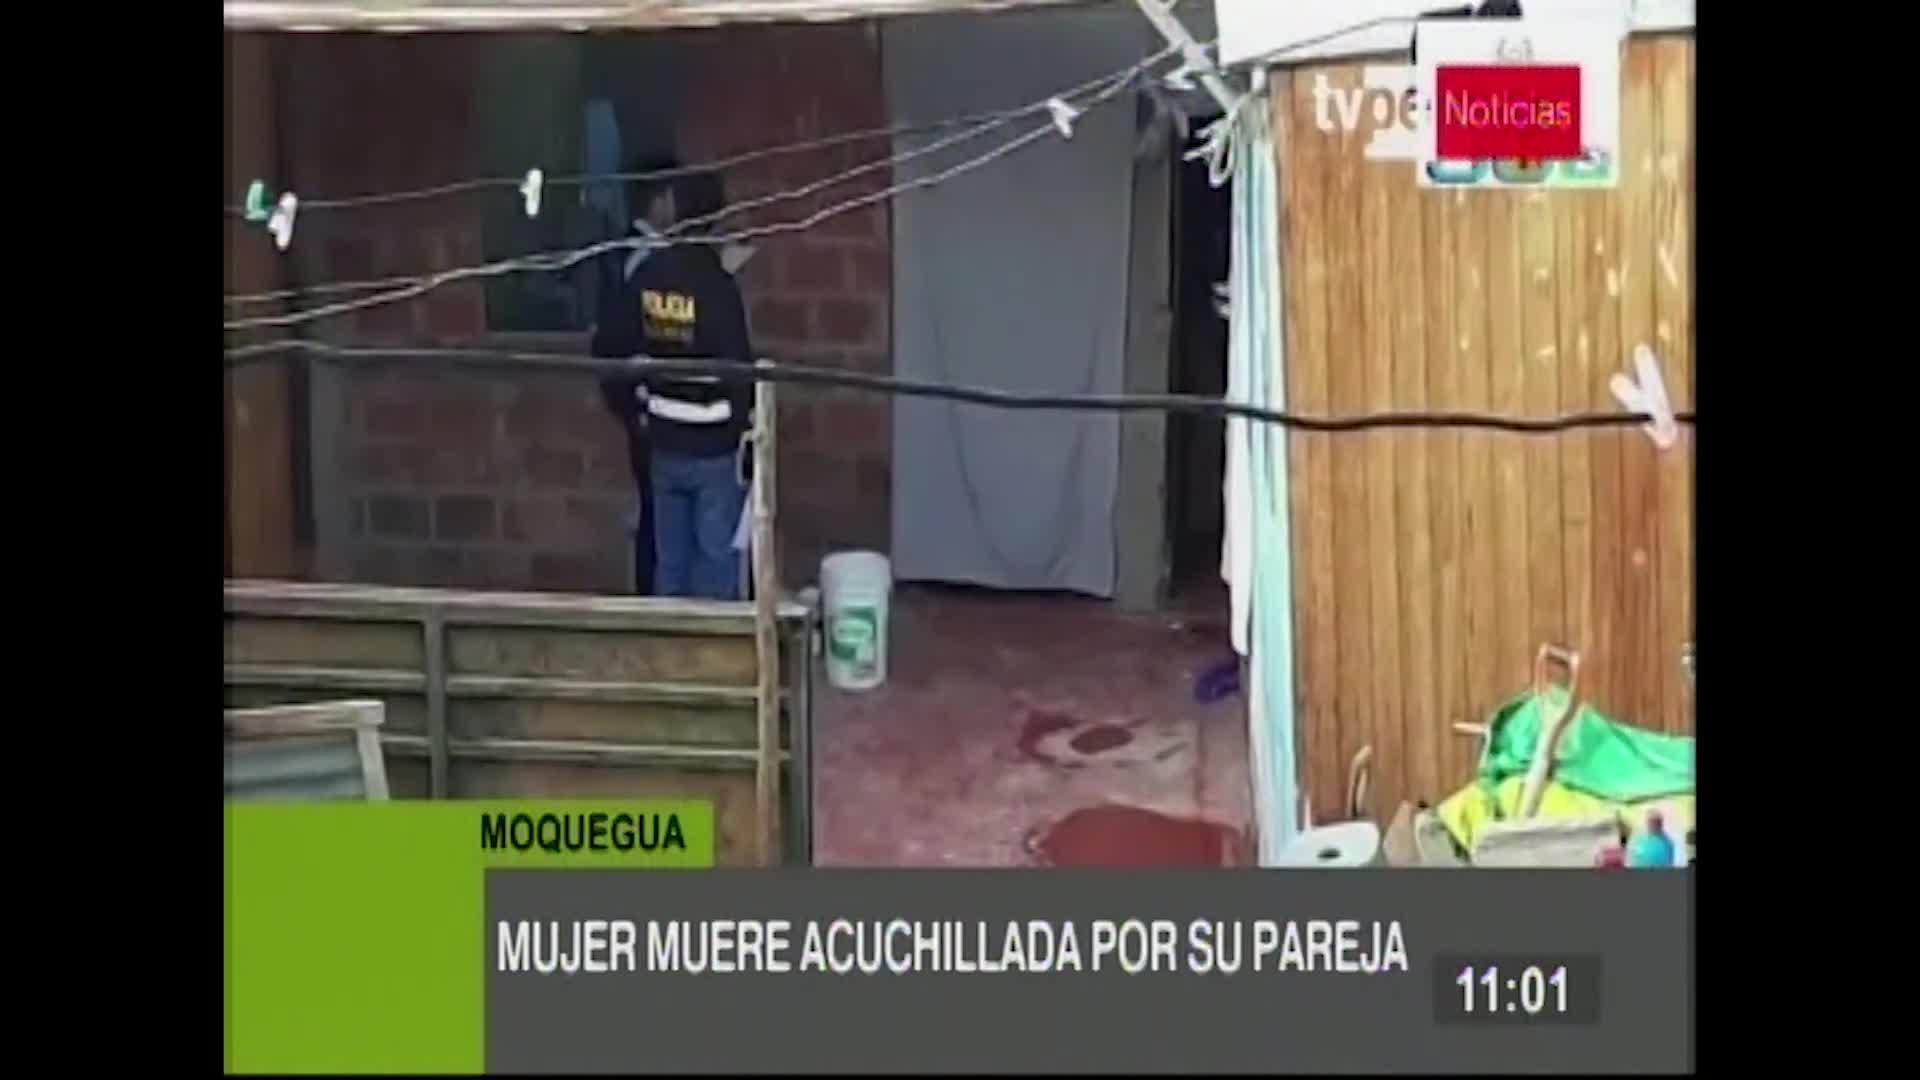 Mujer es hallada muerta tras ser acuchillada por su pareja en Moquegua